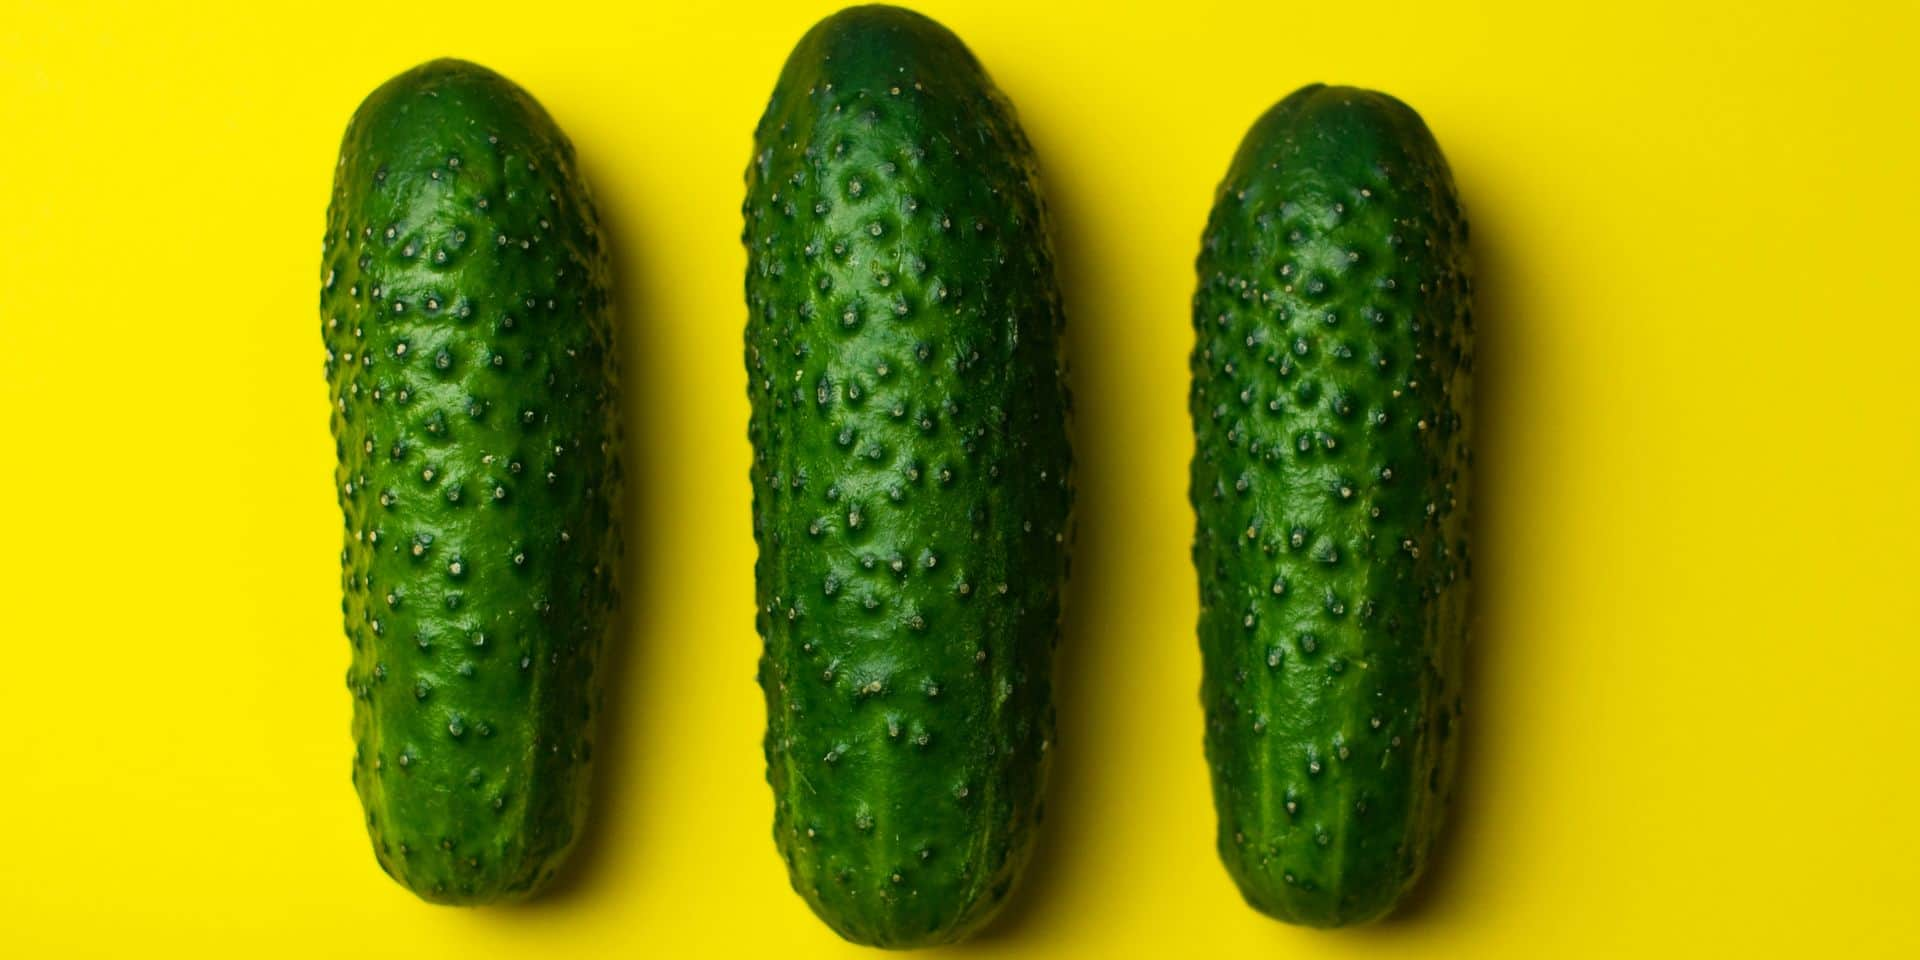 Comment Ranger Dans Un Frigo 15 aliments que vous ne devriez pas ranger dans le frigo